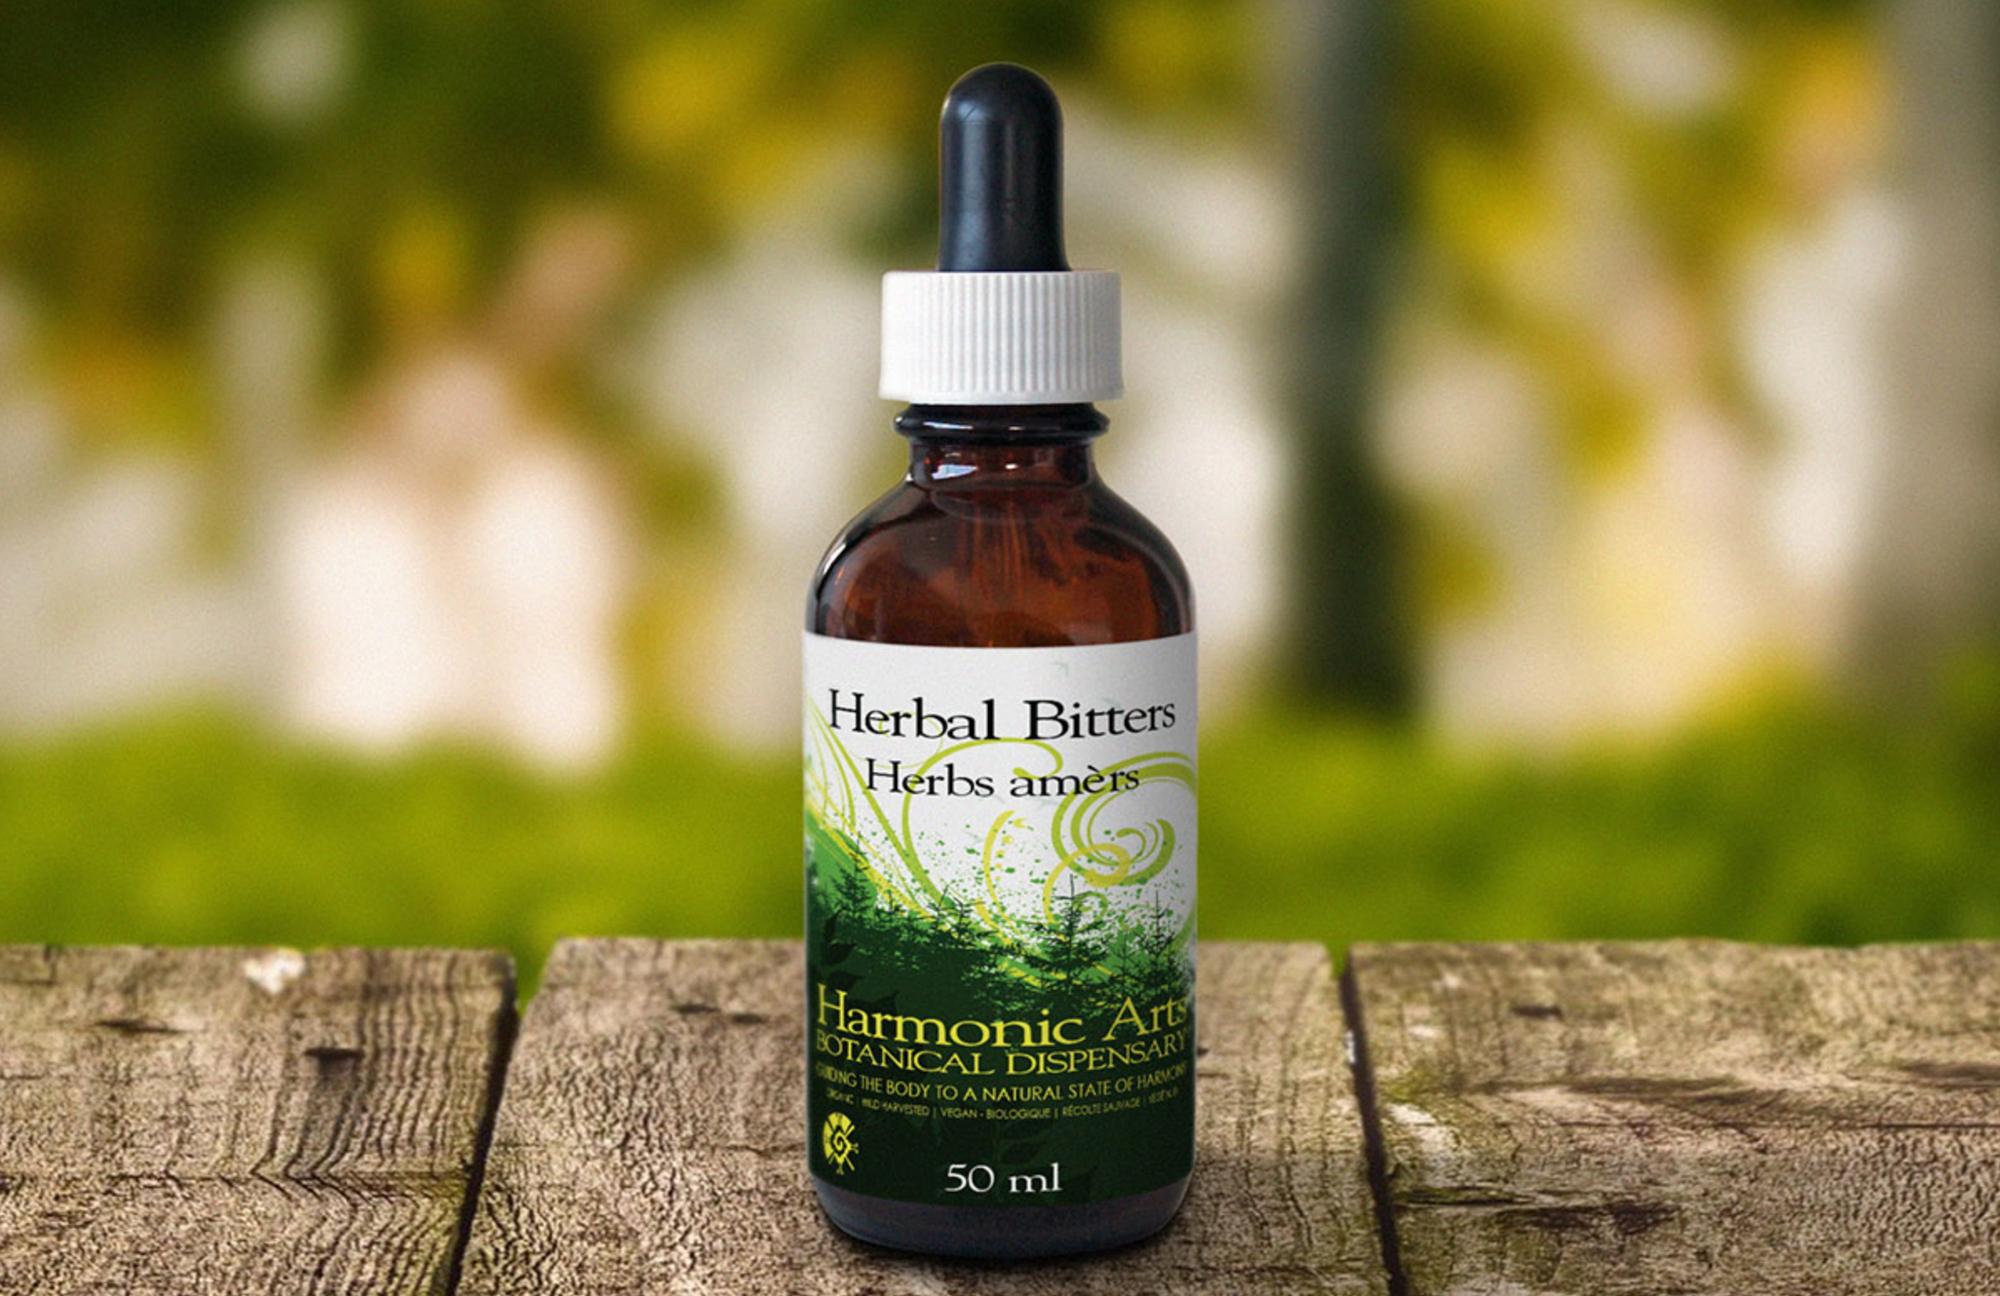 Harmonic Arts - Herbal Bitters